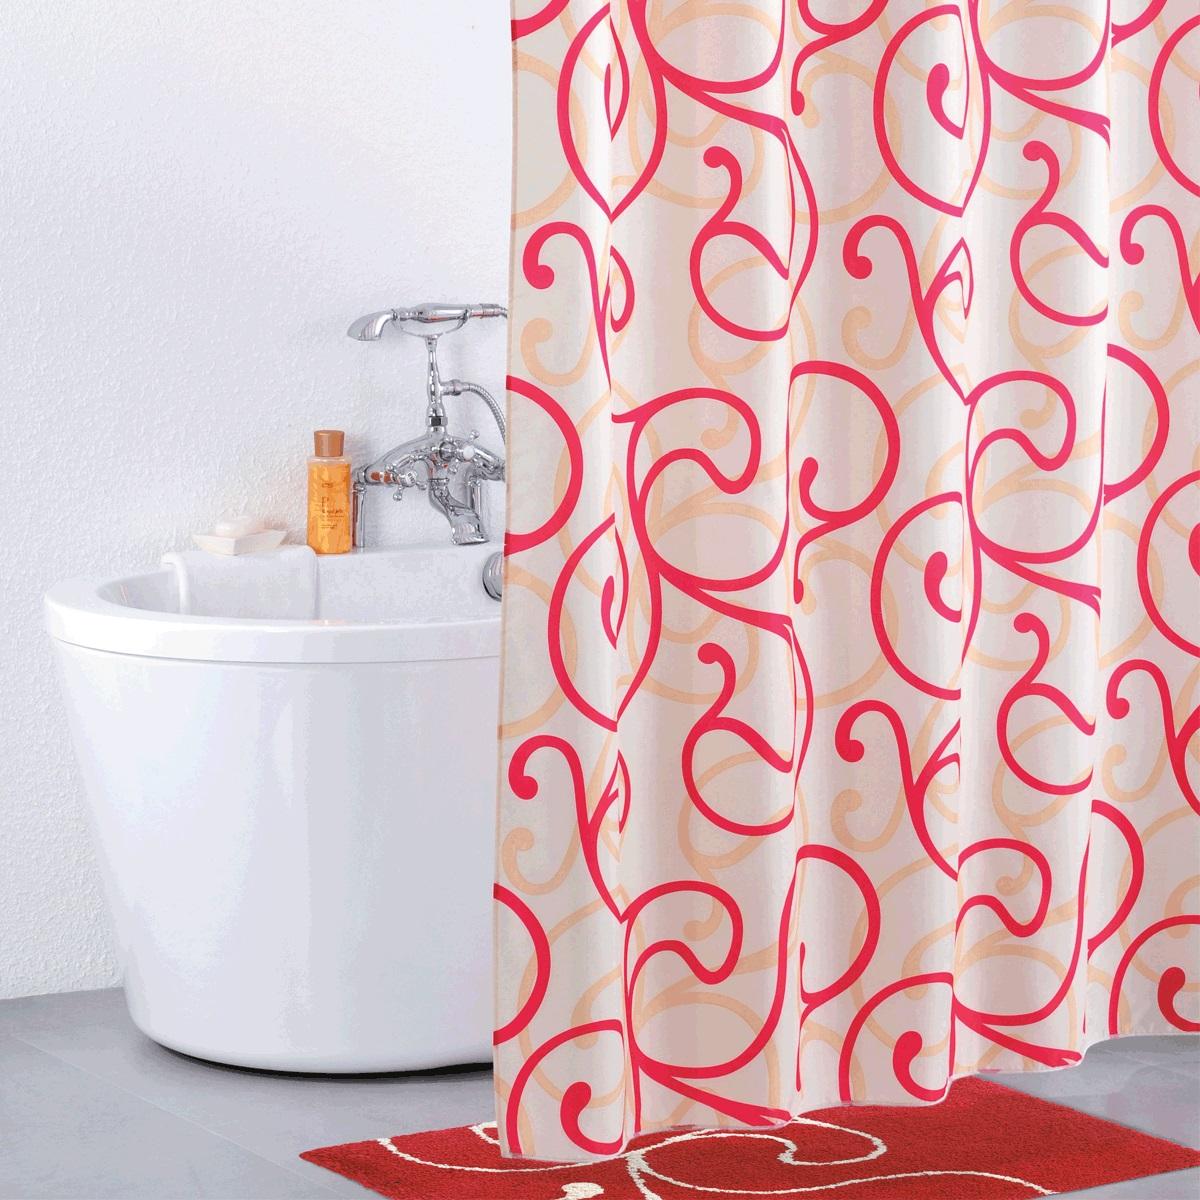 Штора для ванной Iddis Flower Lace Red, цвет: белый, красный, 200 x 200 см411P20RI11Штора для ванной комнаты Iddis выполнена из быстросохнущего материала - 100% полиэстера, что обеспечивает прочность изделия и легкость ухода за ним.Материал шторы пропитан специальным водоотталкивающим составом Waterprof.Изделие изготовлено из экологически-чистого материала, оно обладает высокой степенью гигиеничности, не вызывает аллергических реакций.Штора имеет 12 металлических люверсов. В комплекте: штора и кольца.